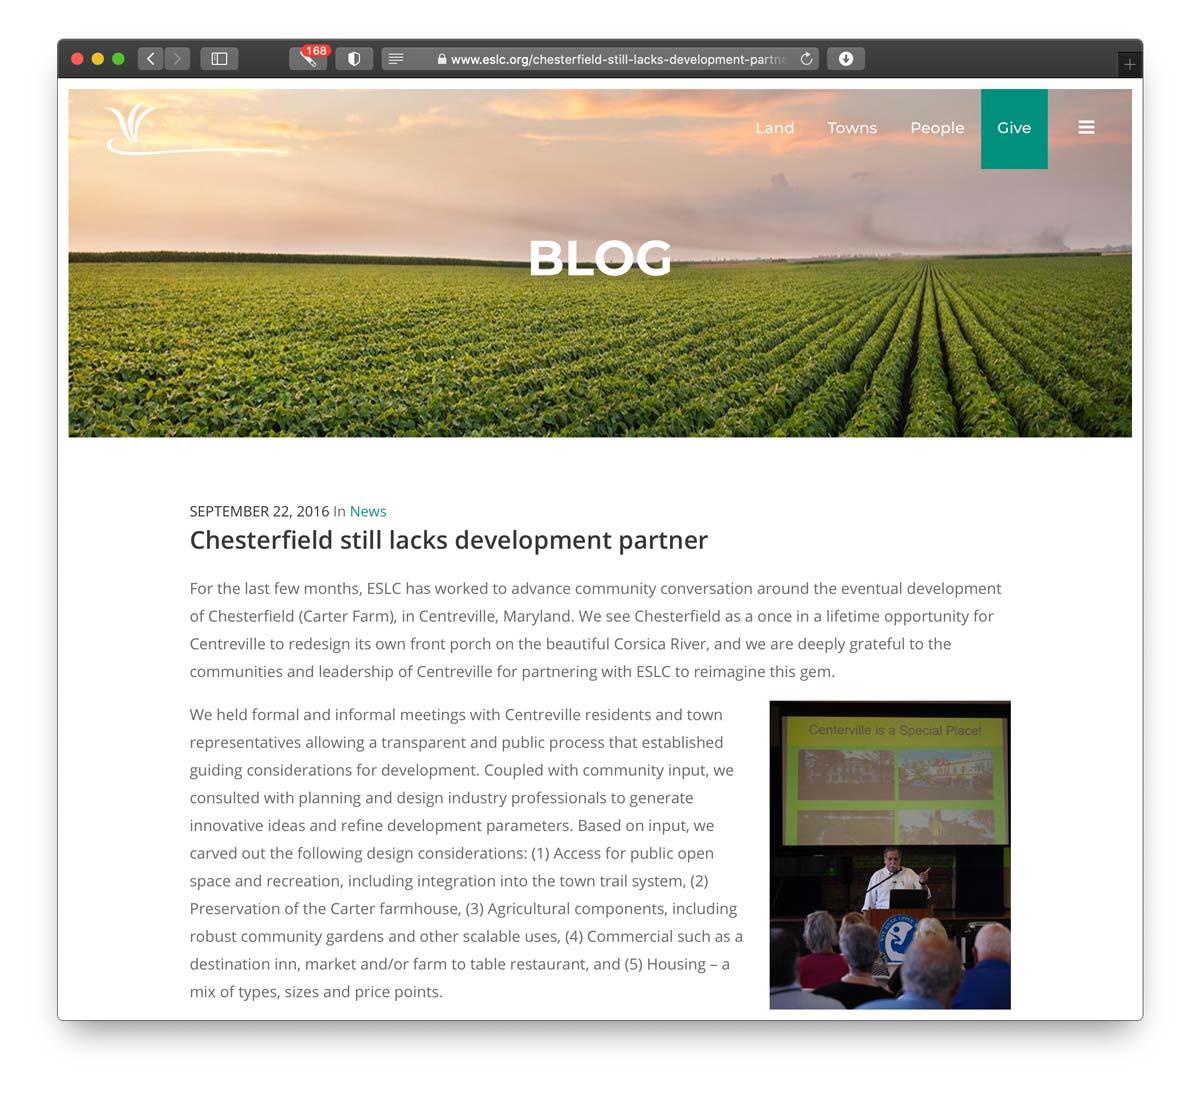 ESLC blog chesterfield lacks development partner